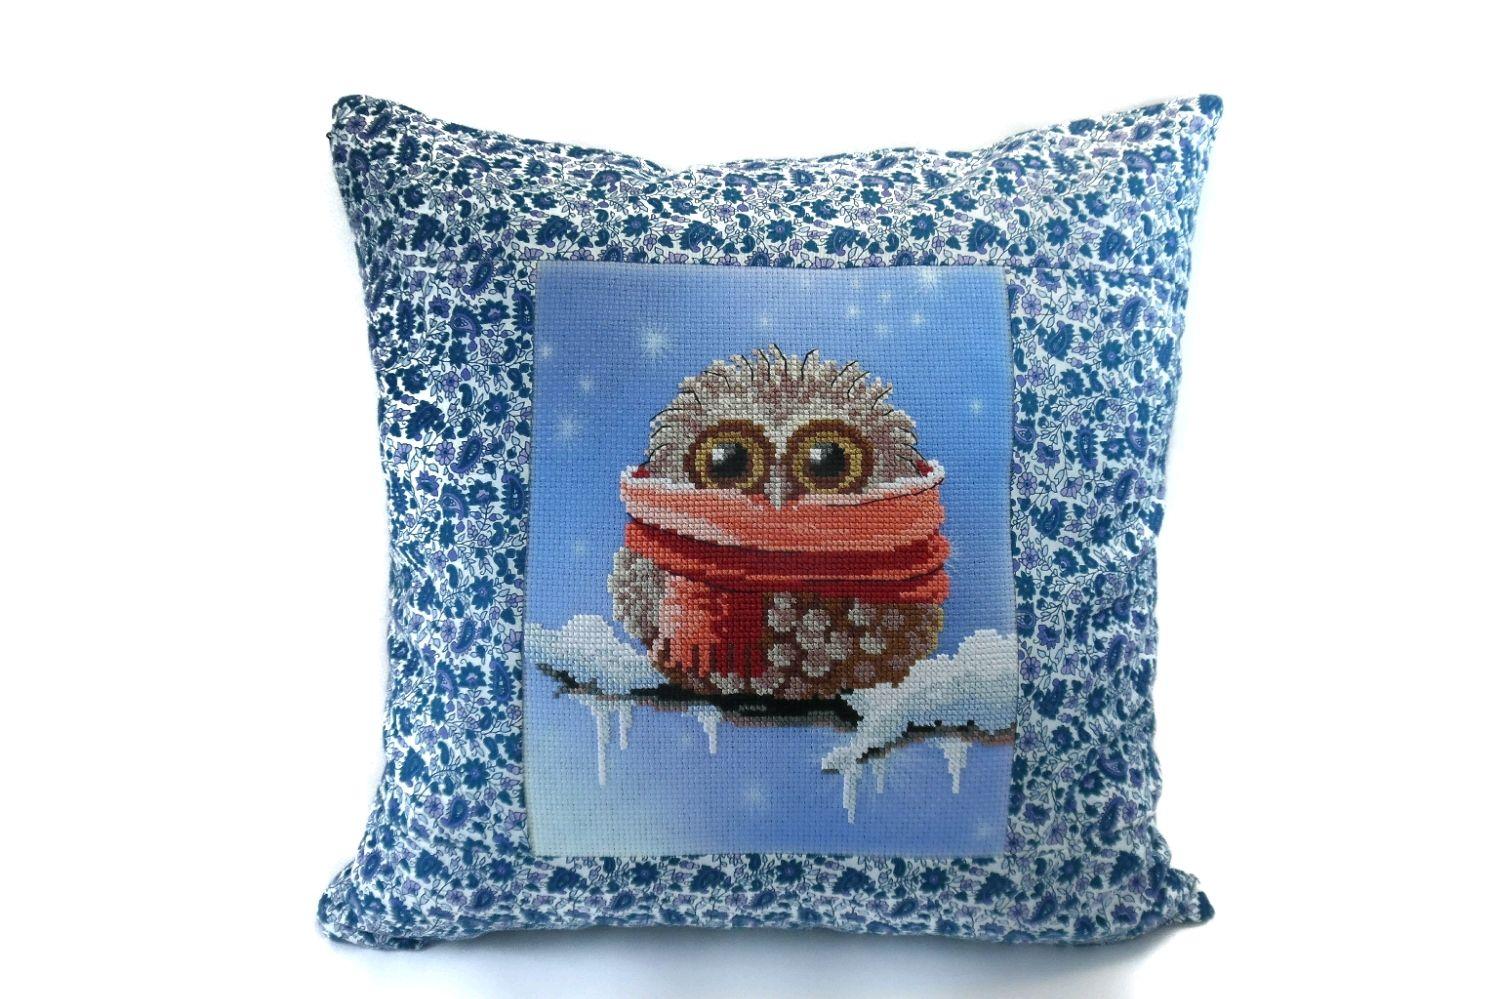 Подушка с вышивкой крестом Сова зимой. Наволочка для подушки, Подушки, Барнаул,  Фото №1